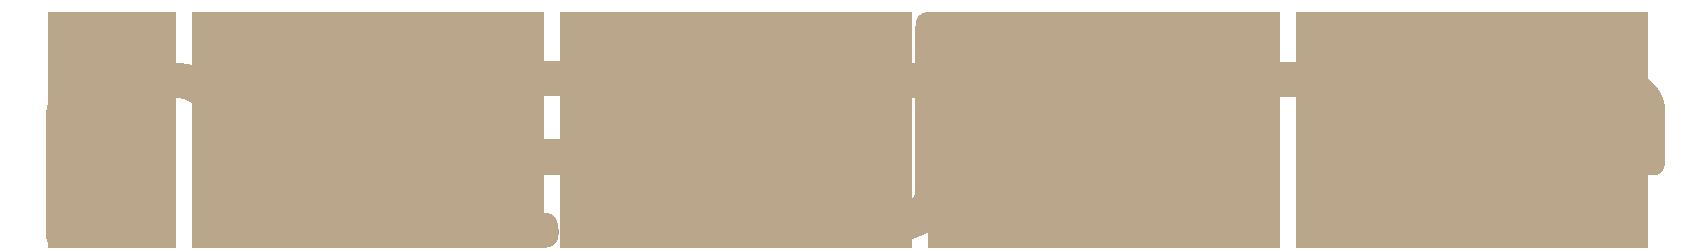 La gamme semi-rigide Zodiac Medline